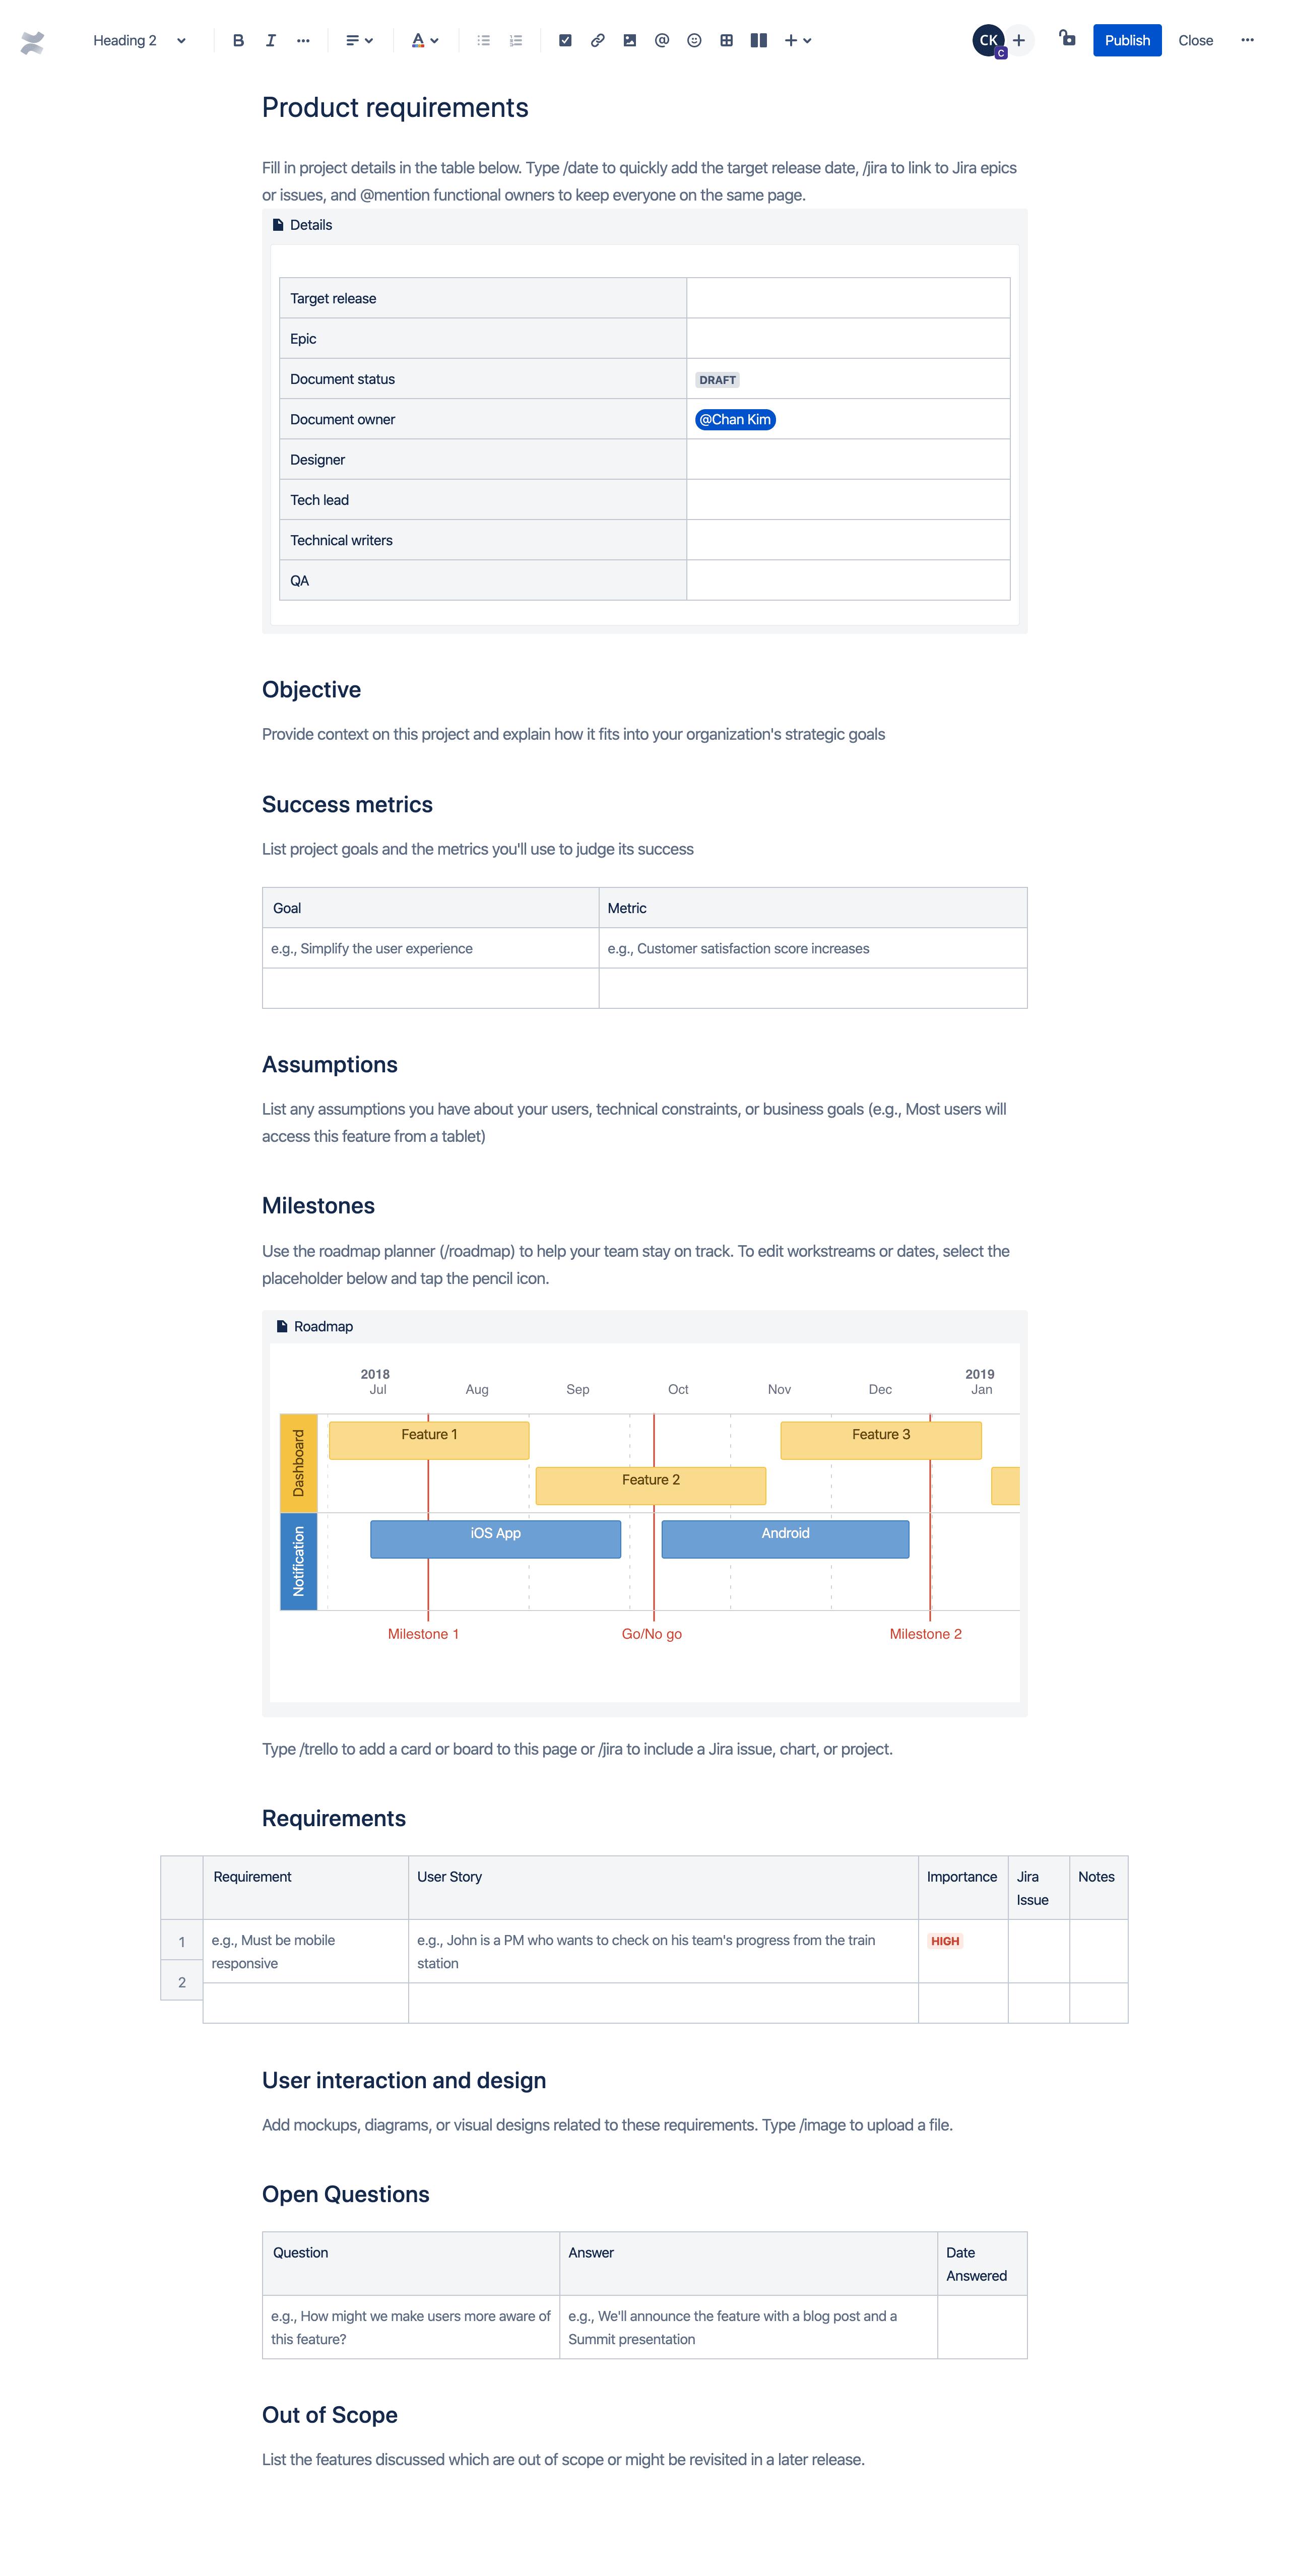 Modello dei requisiti del prodotto